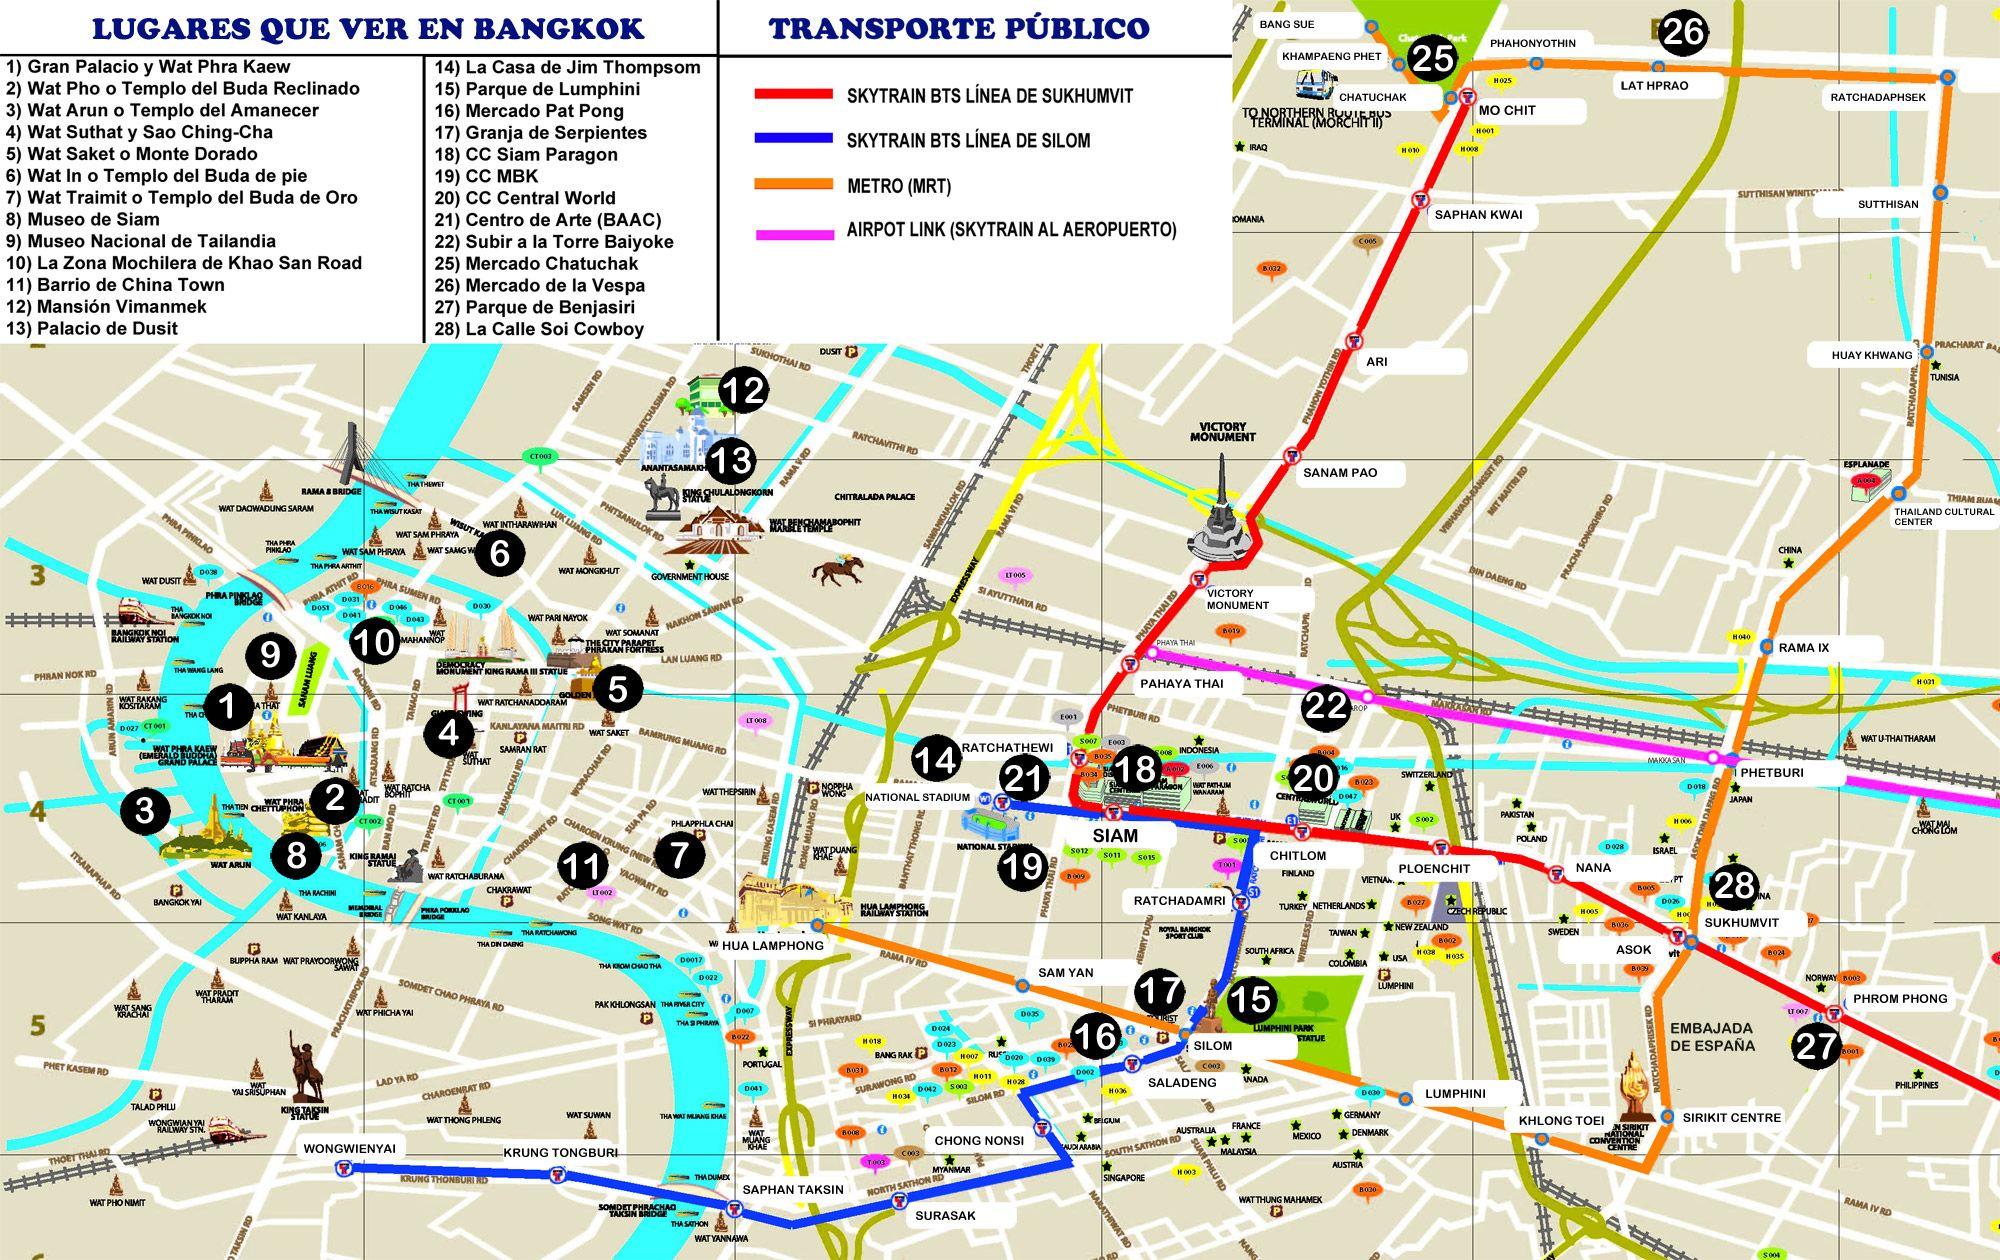 thaimassage borlänge stockholm till bangkok